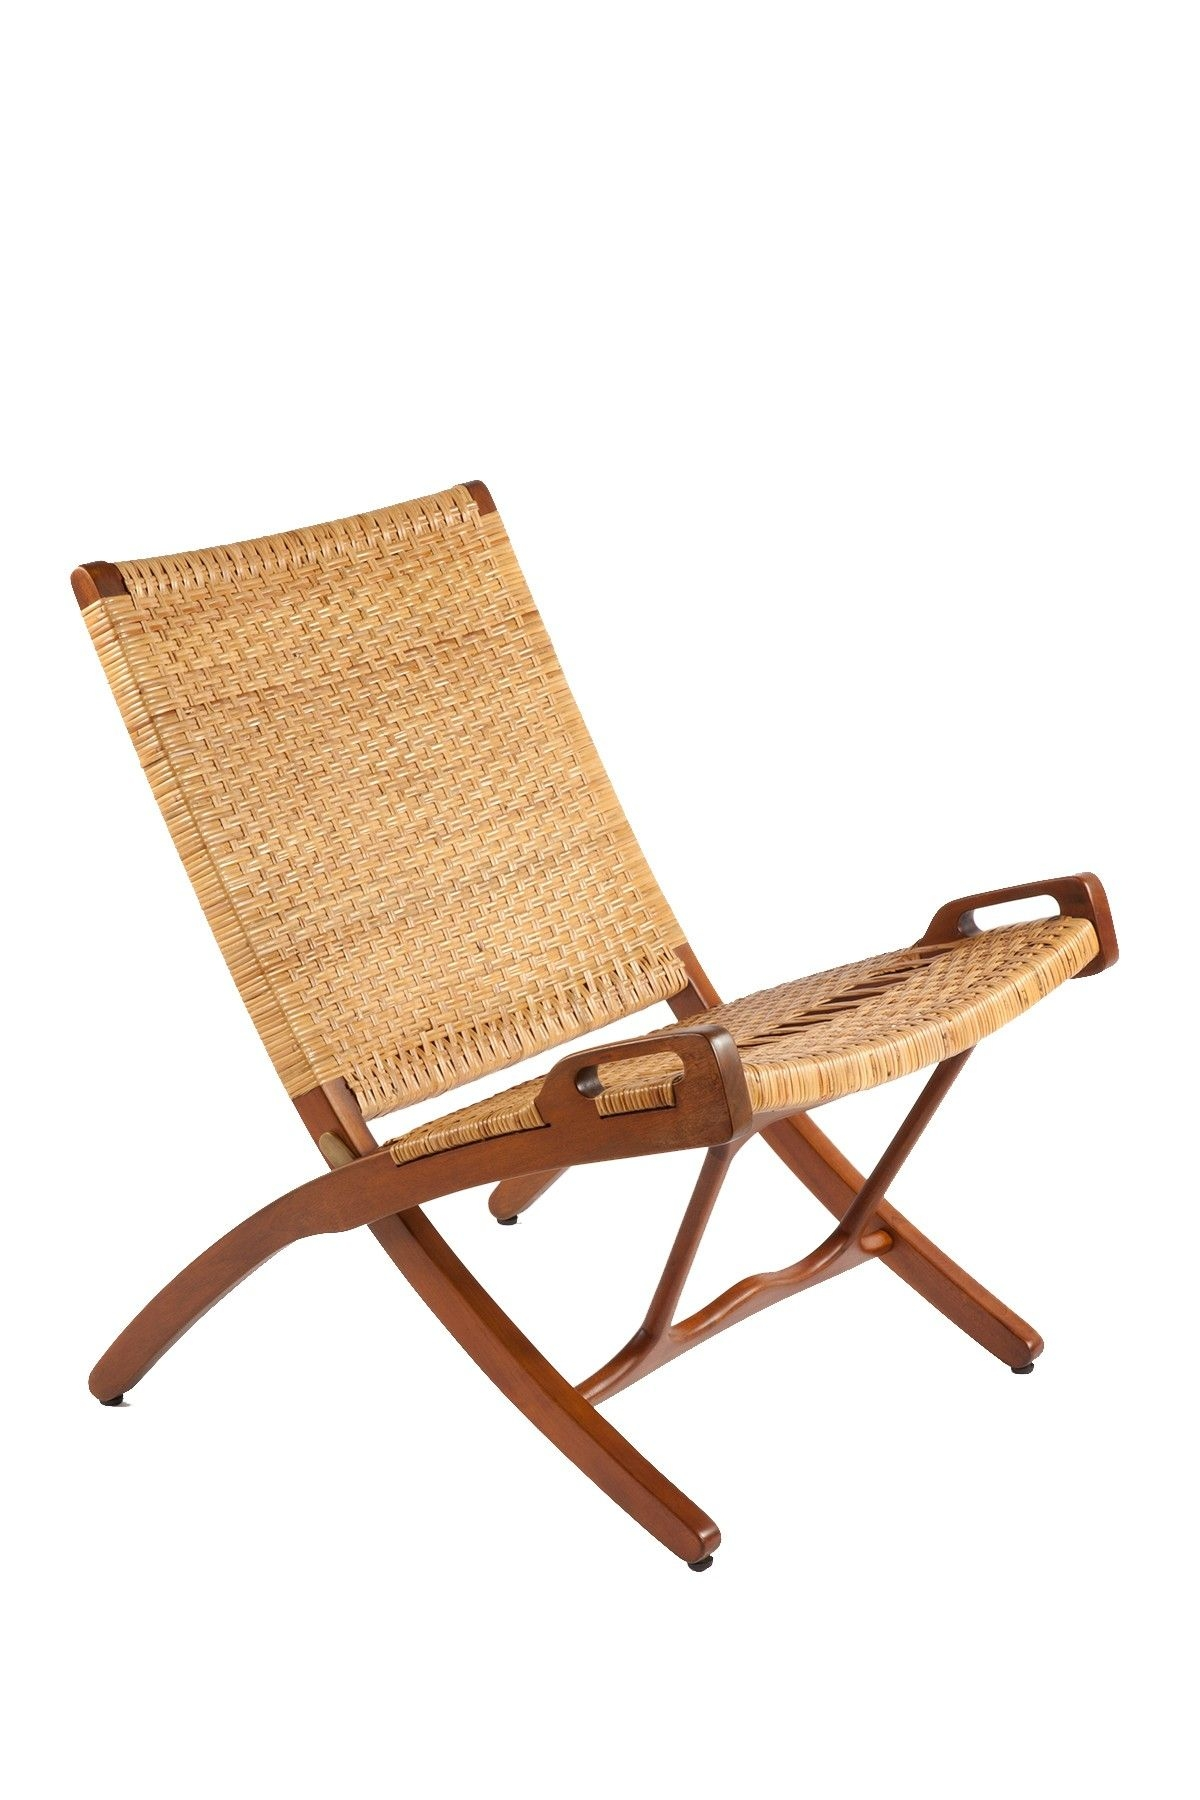 Wicker Folding Chairs 3